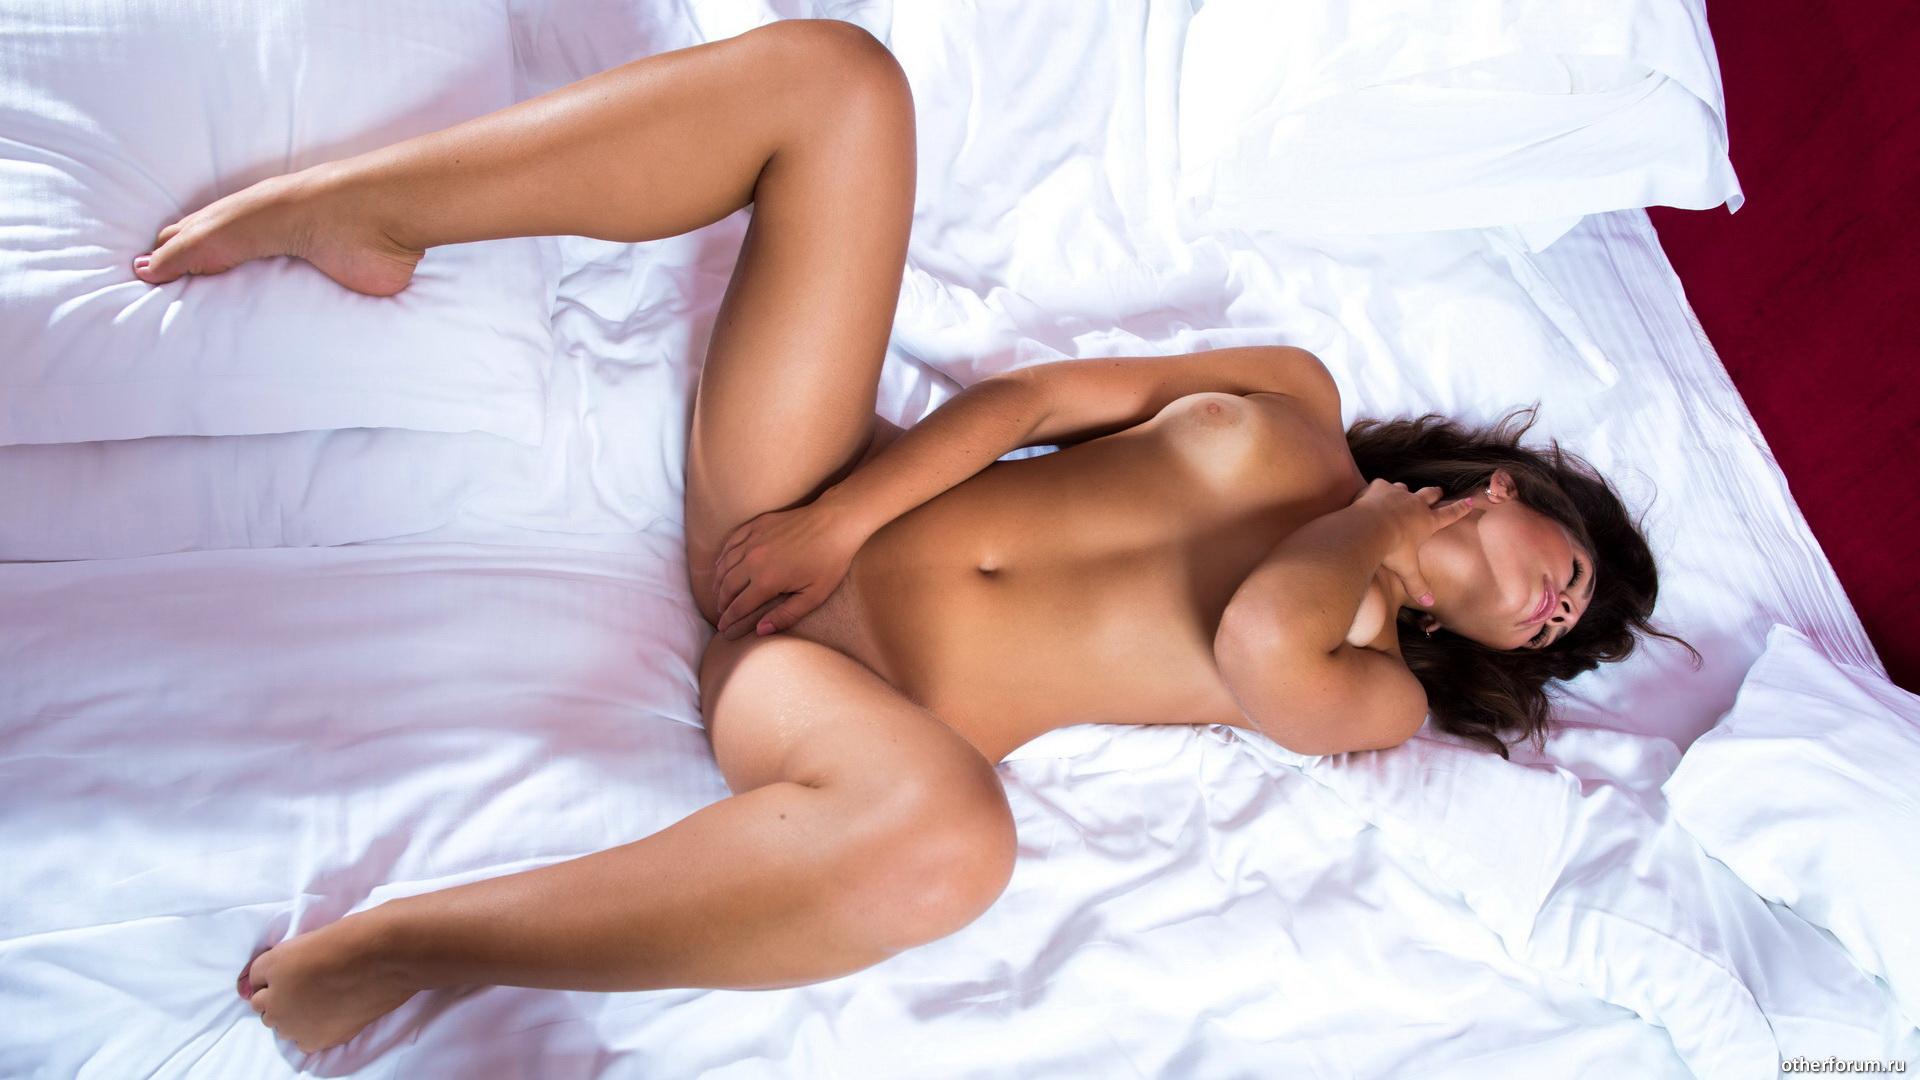 интимных в позах специальные красивых фото девушек